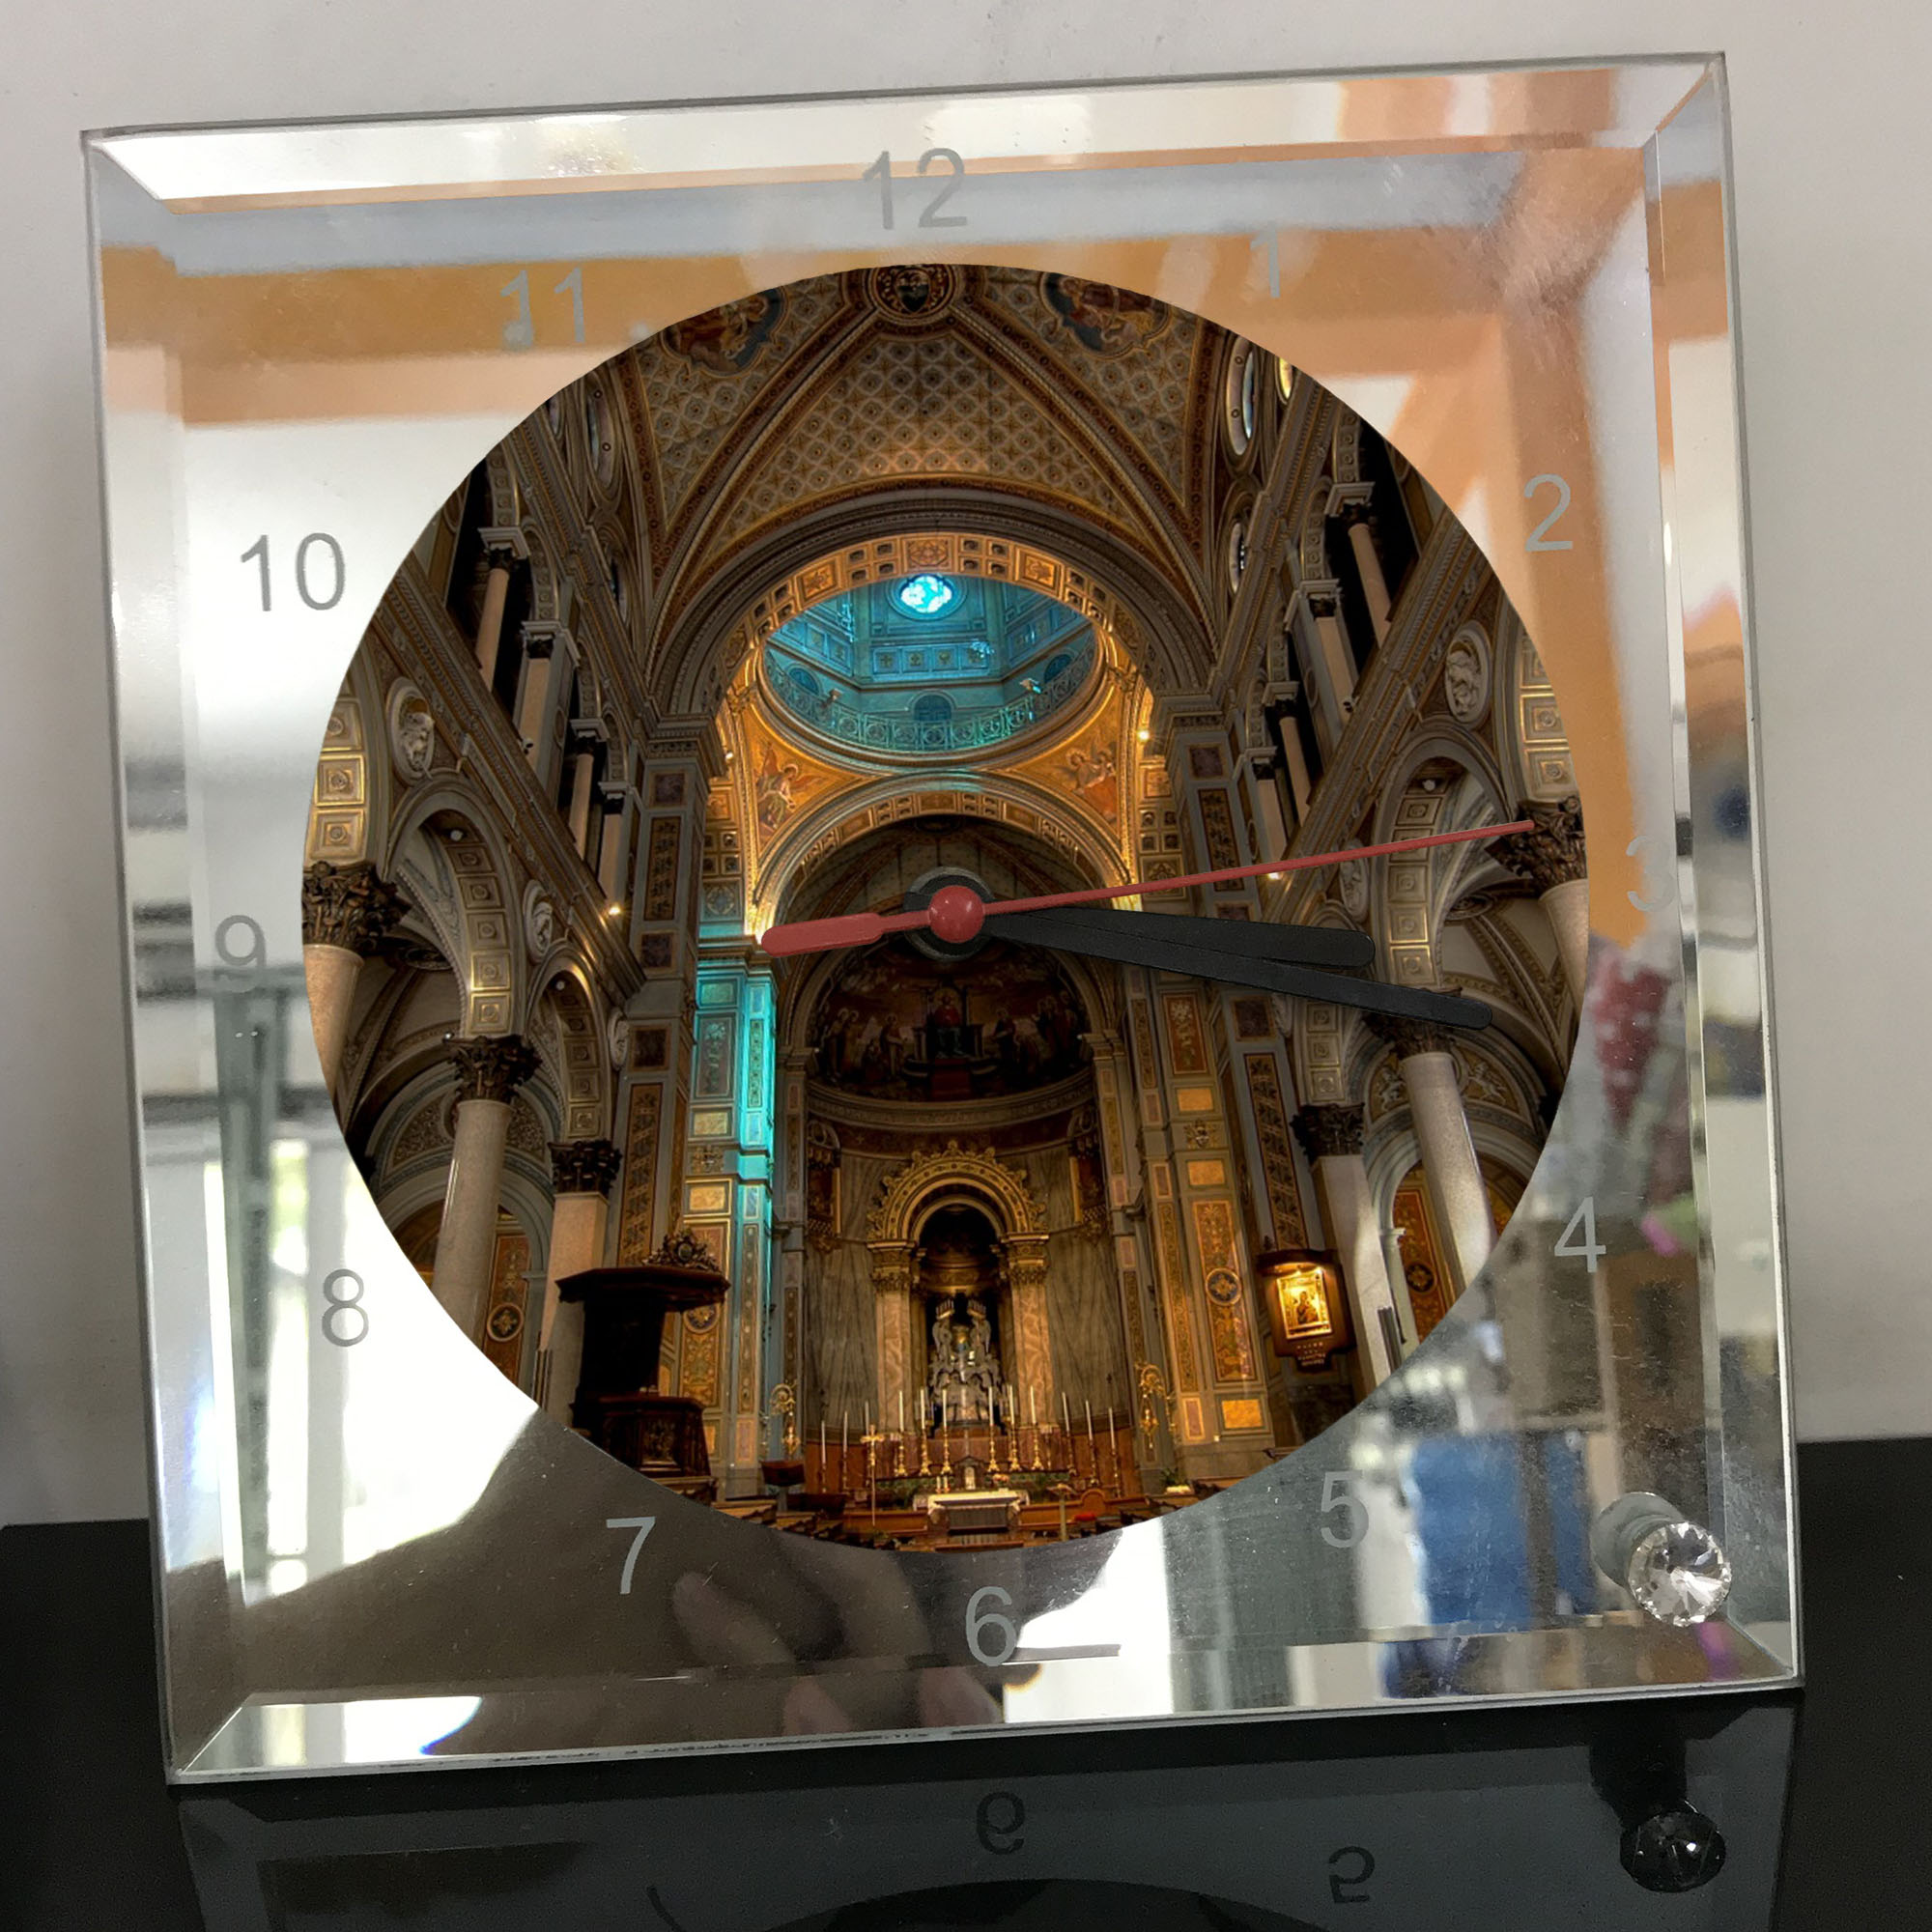 Đồng hồ thủy tinh vuông 20x20 in hình Cathedral - nhà thờ chính tòa (38) . Đồng hồ thủy tinh để bàn trang trí đẹp chủ đề tôn giáo